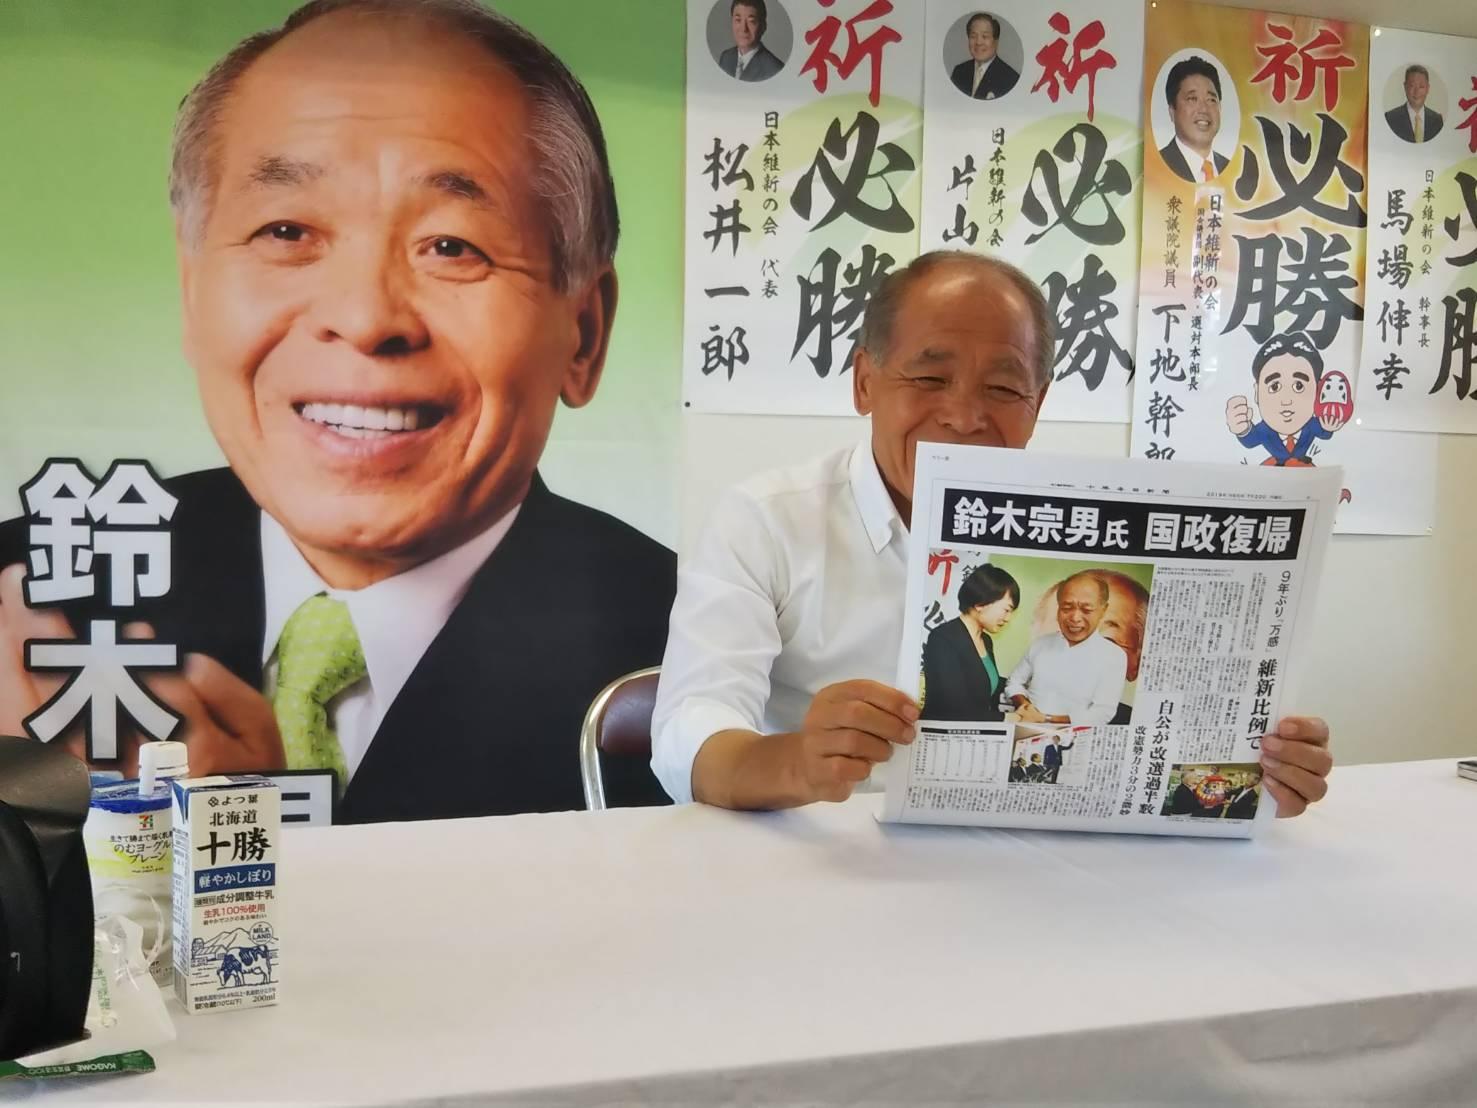 鈴木宗男当選ニュース一覧